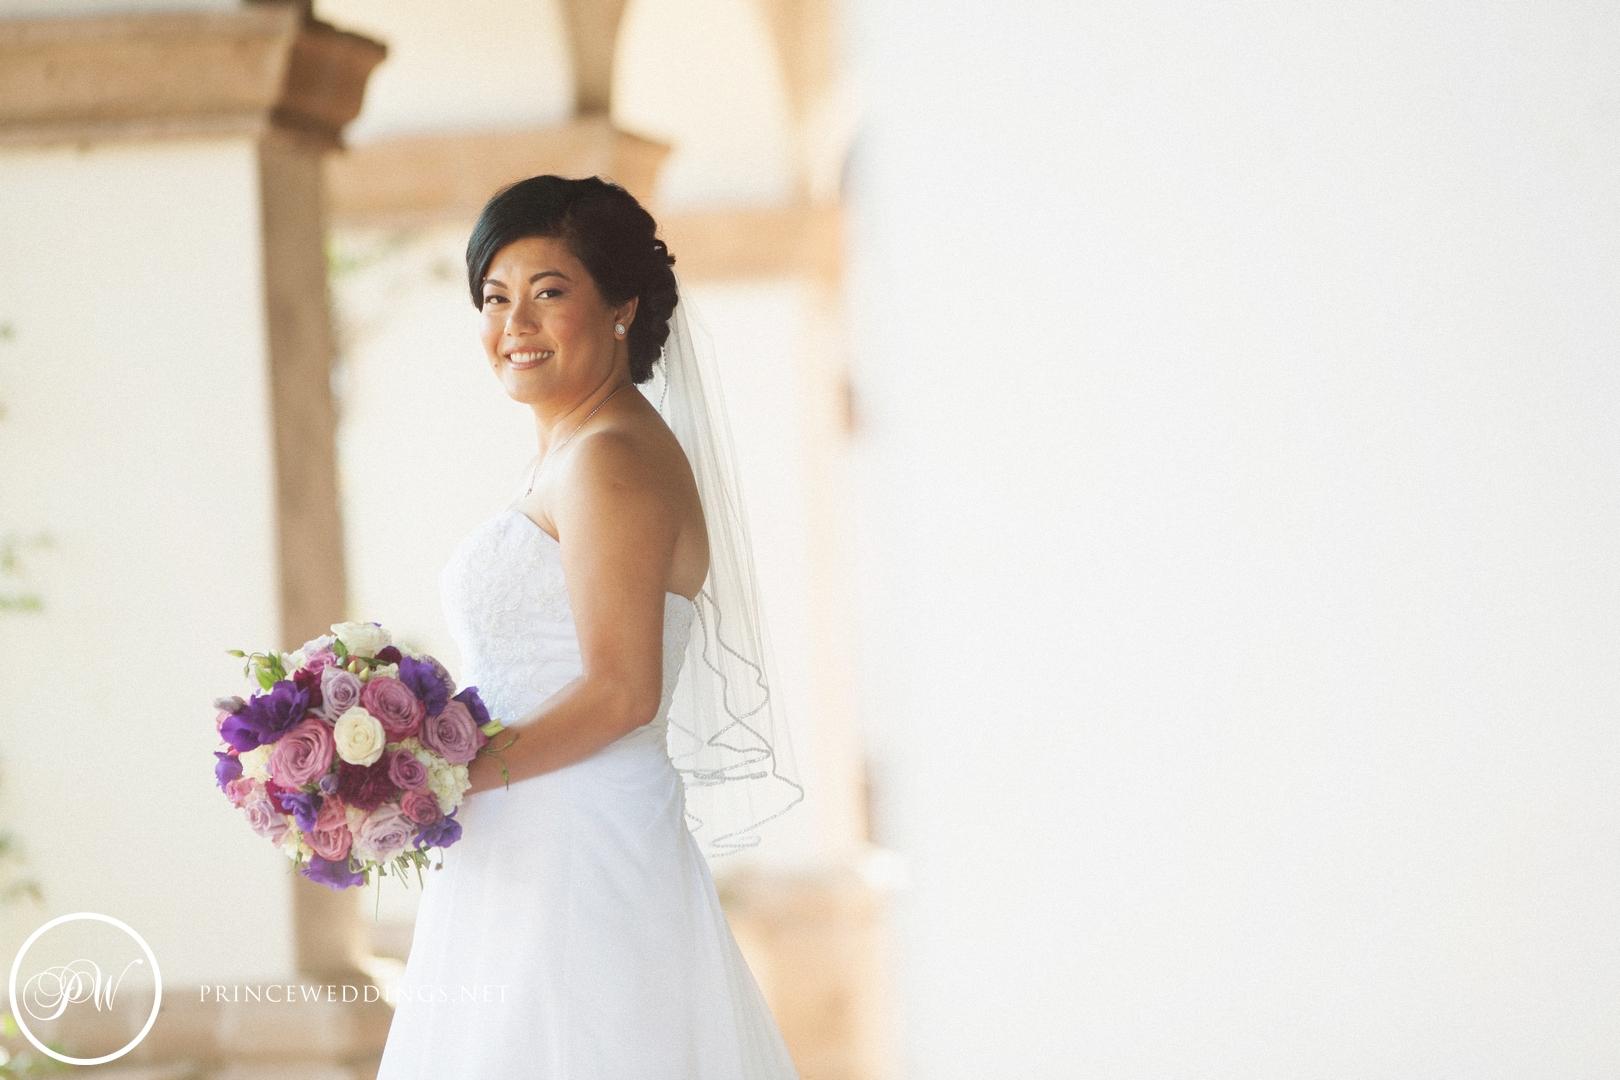 TurnipRose_Wedding_Photography_James+Luisa30.jpg